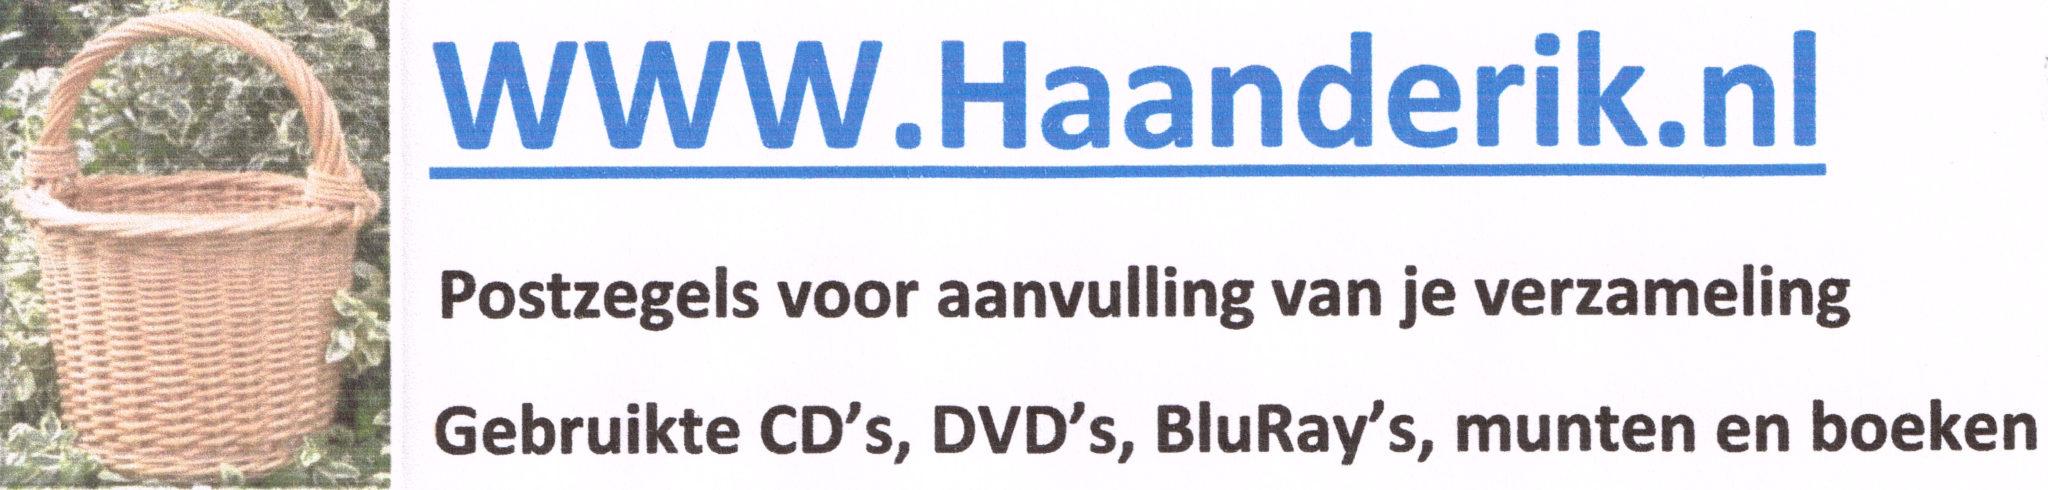 www.haanderik.nl voor aanvulling van Uw verzameling postzegels, DVD, CD, BluRay, munten en boeken